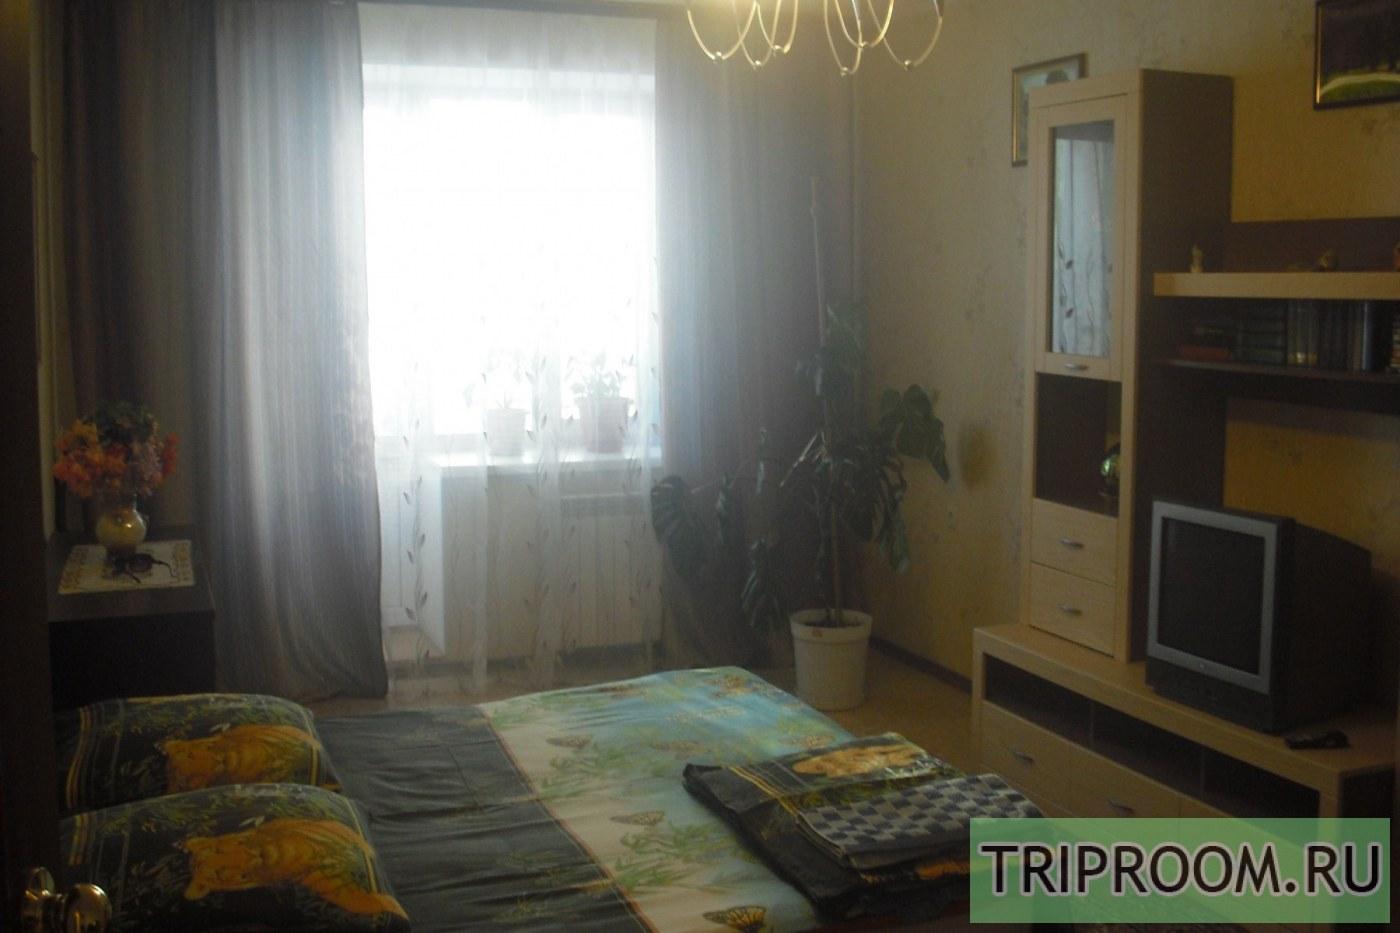 1-комнатная квартира посуточно (вариант № 39359), ул. Ивана Черных улица, фото № 3